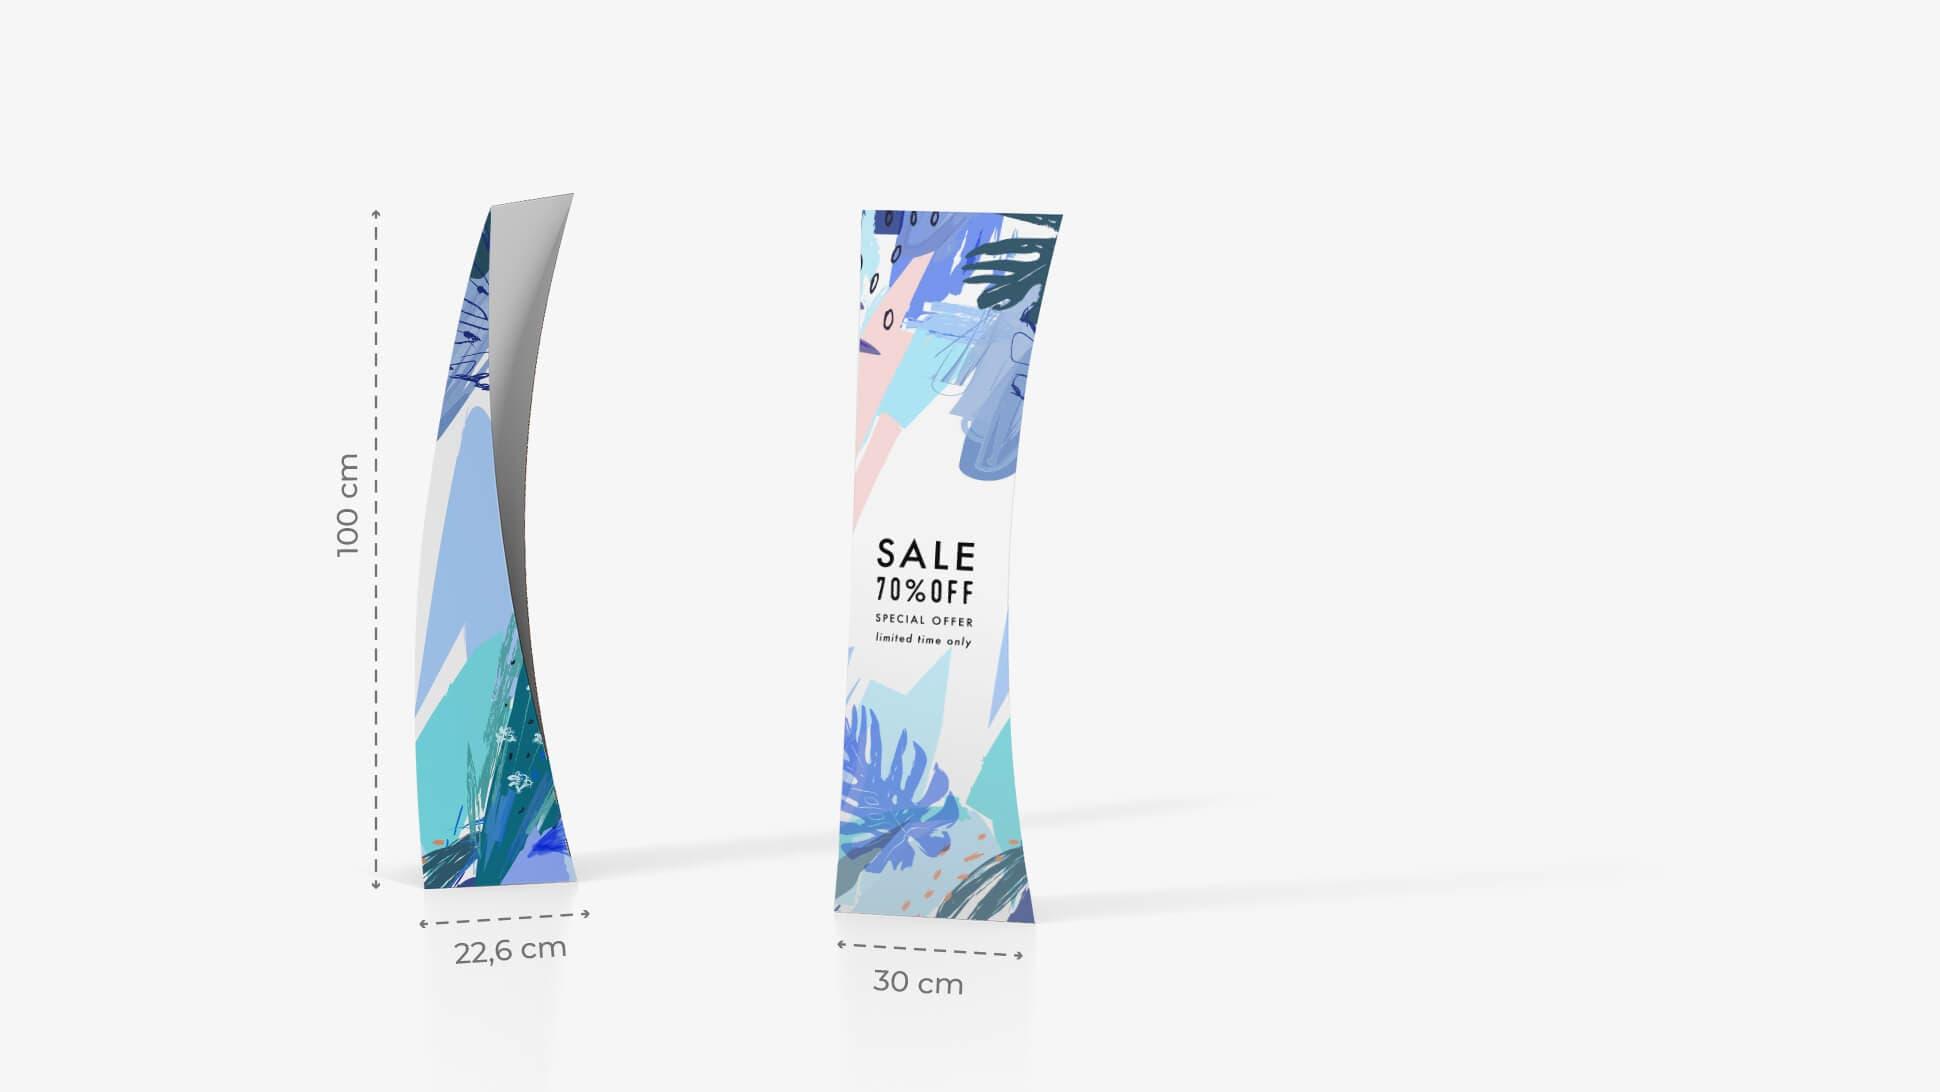 Totem pubblicitario 100x30cm | tictac.it